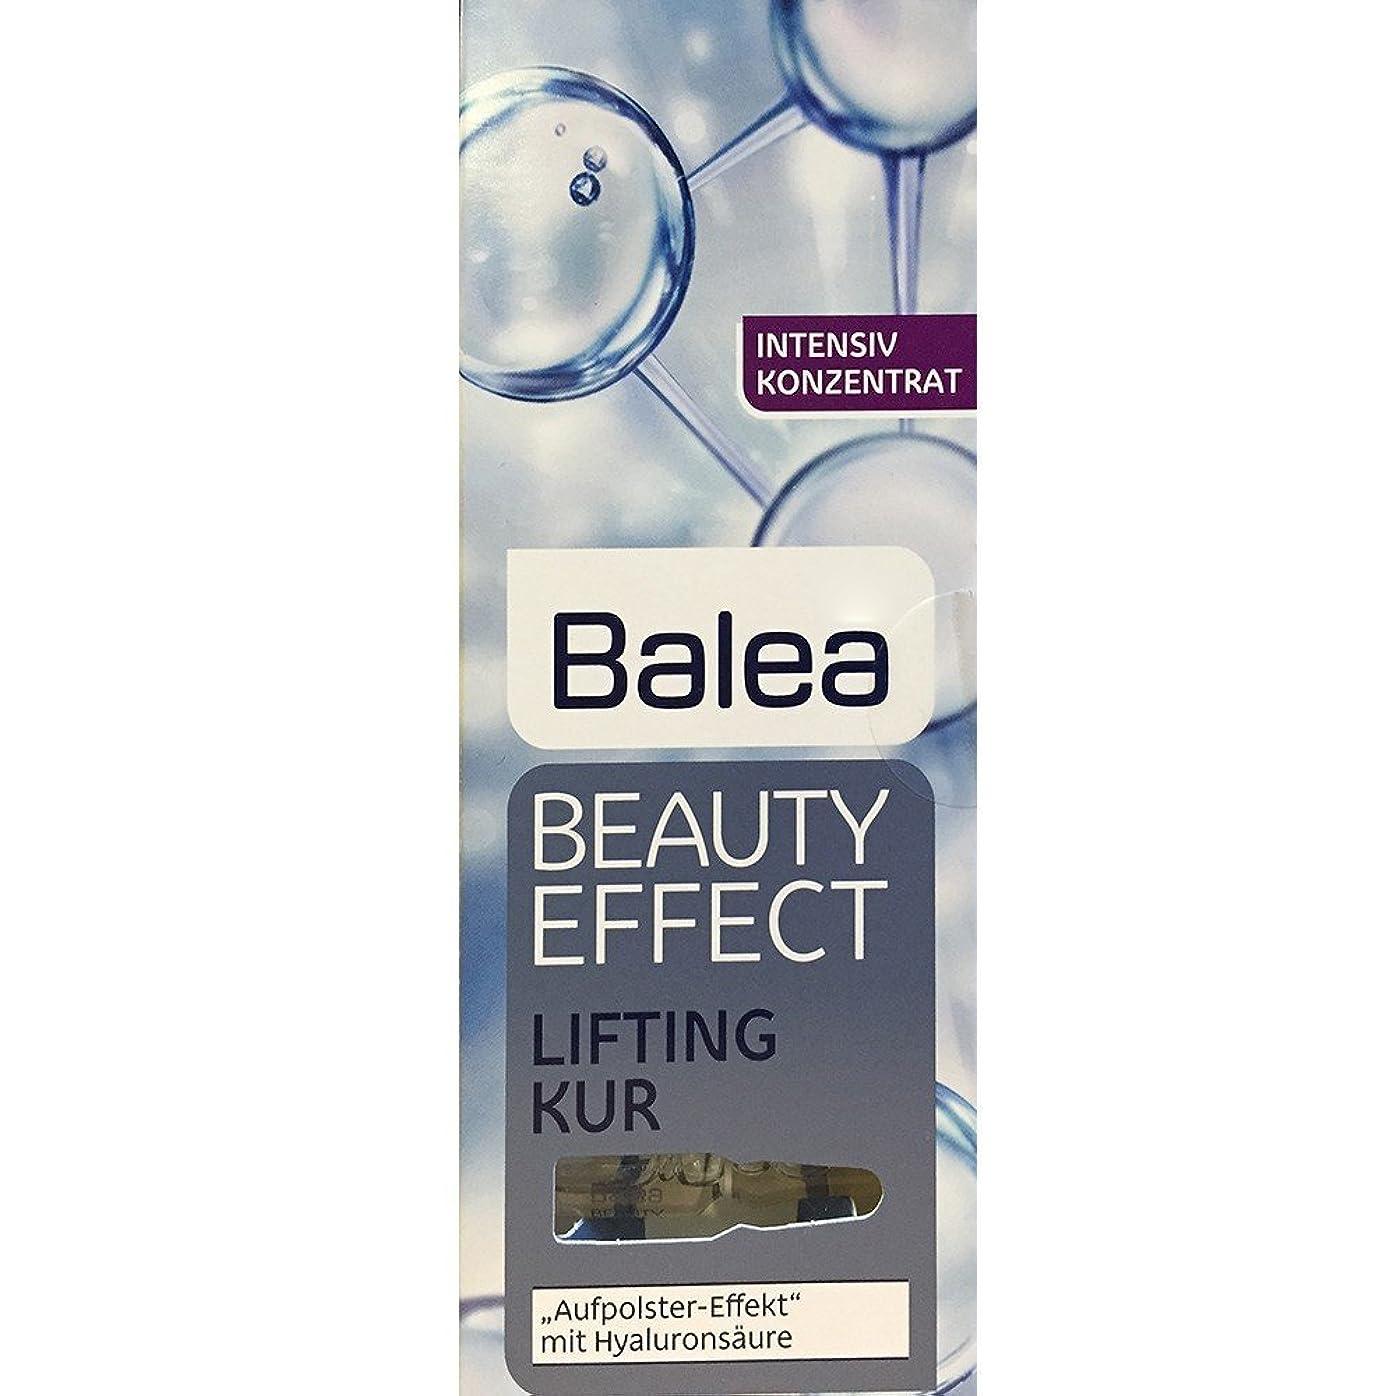 重さ冷ややかな堂々たるBalea Beauty Effect Lifting Kur 7x1ml by Balea